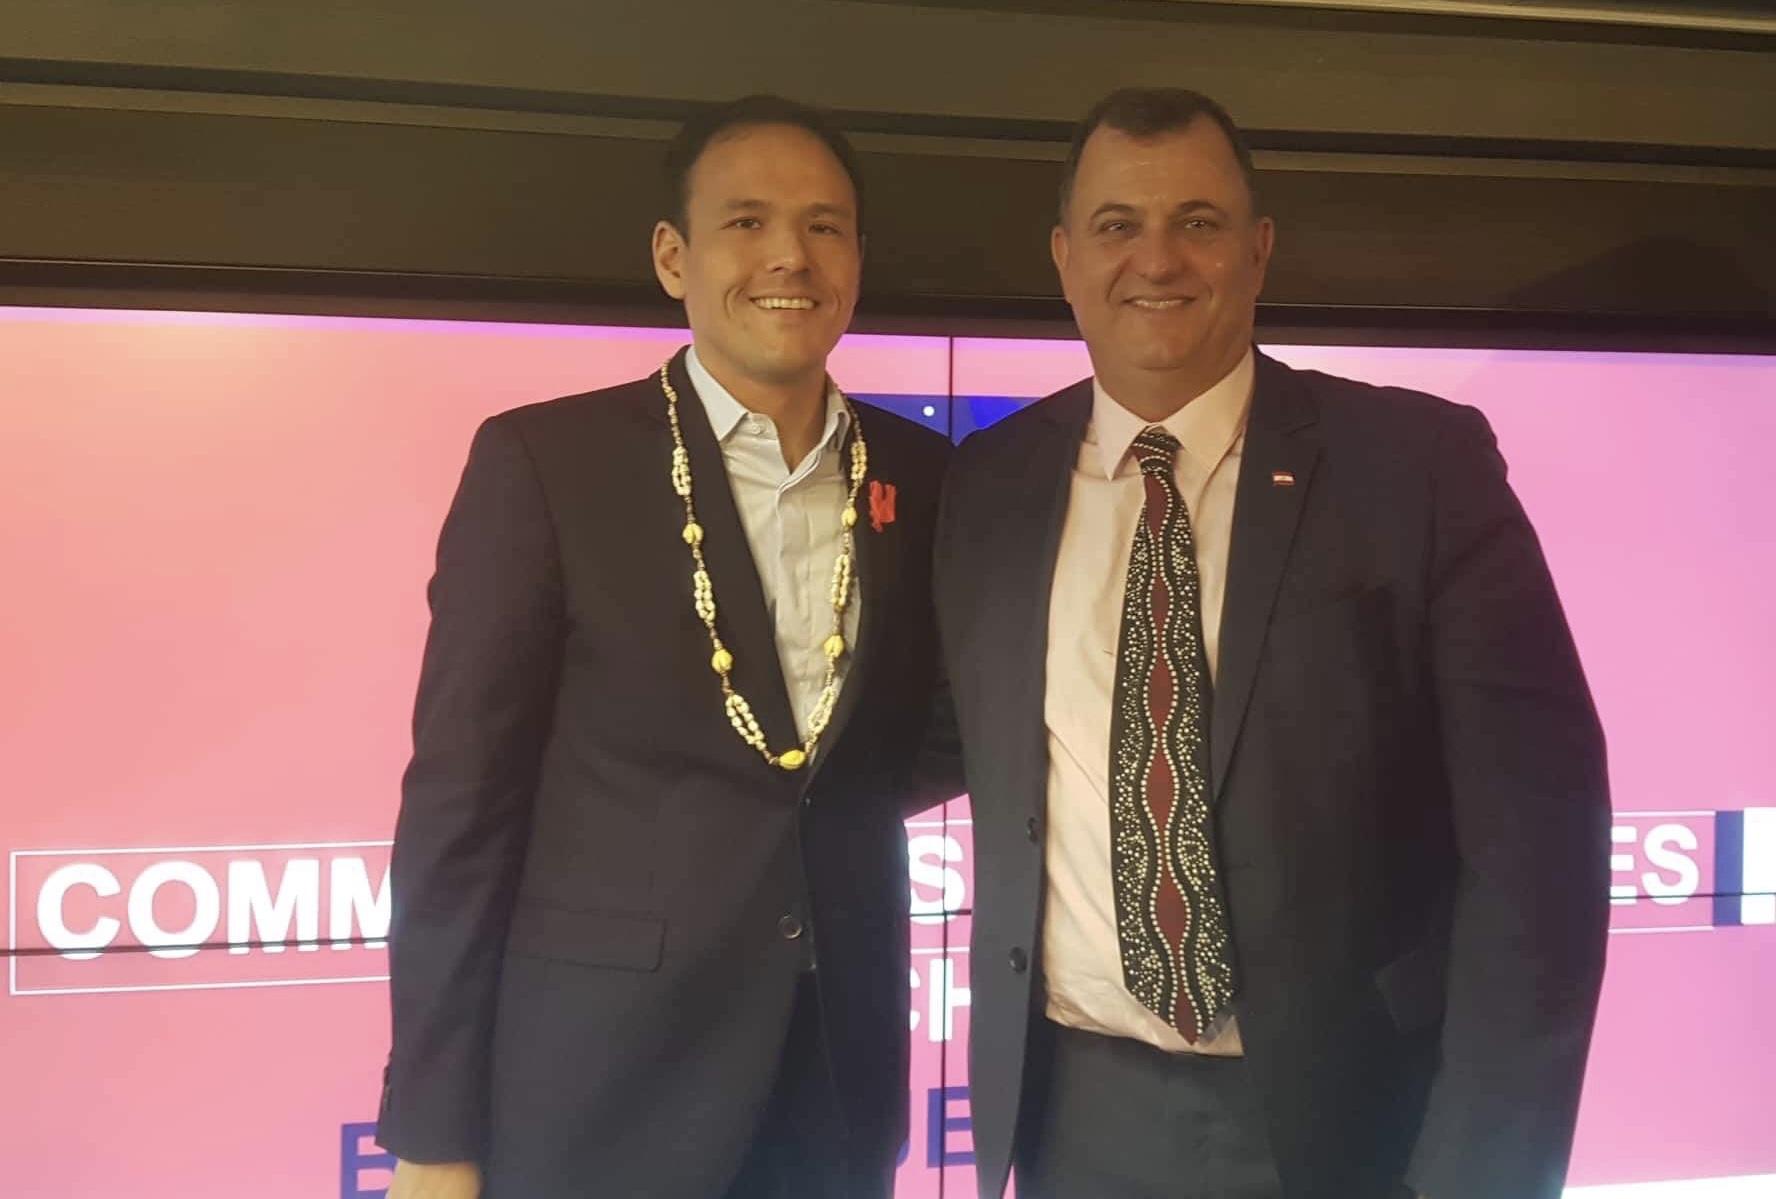 Cédric O, nouveau secrétaire d'État en charge du Numérique, et Olivier Kressmann